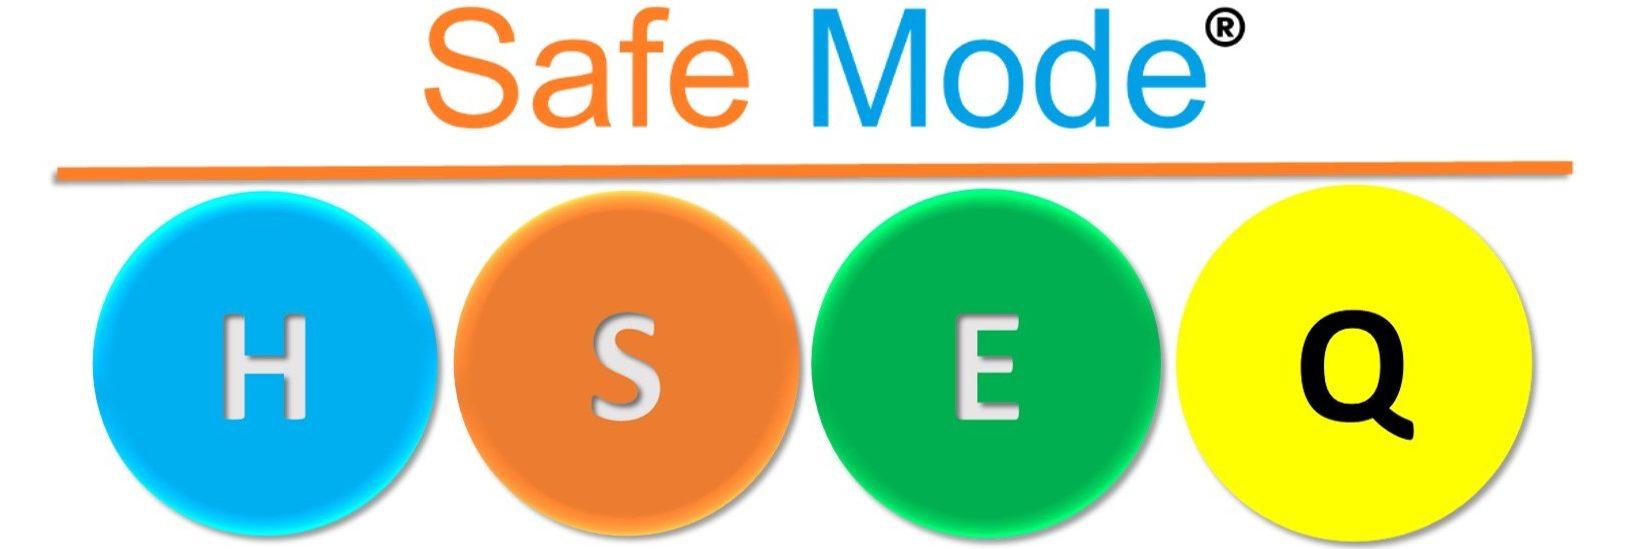 Safe Mode HSEQ